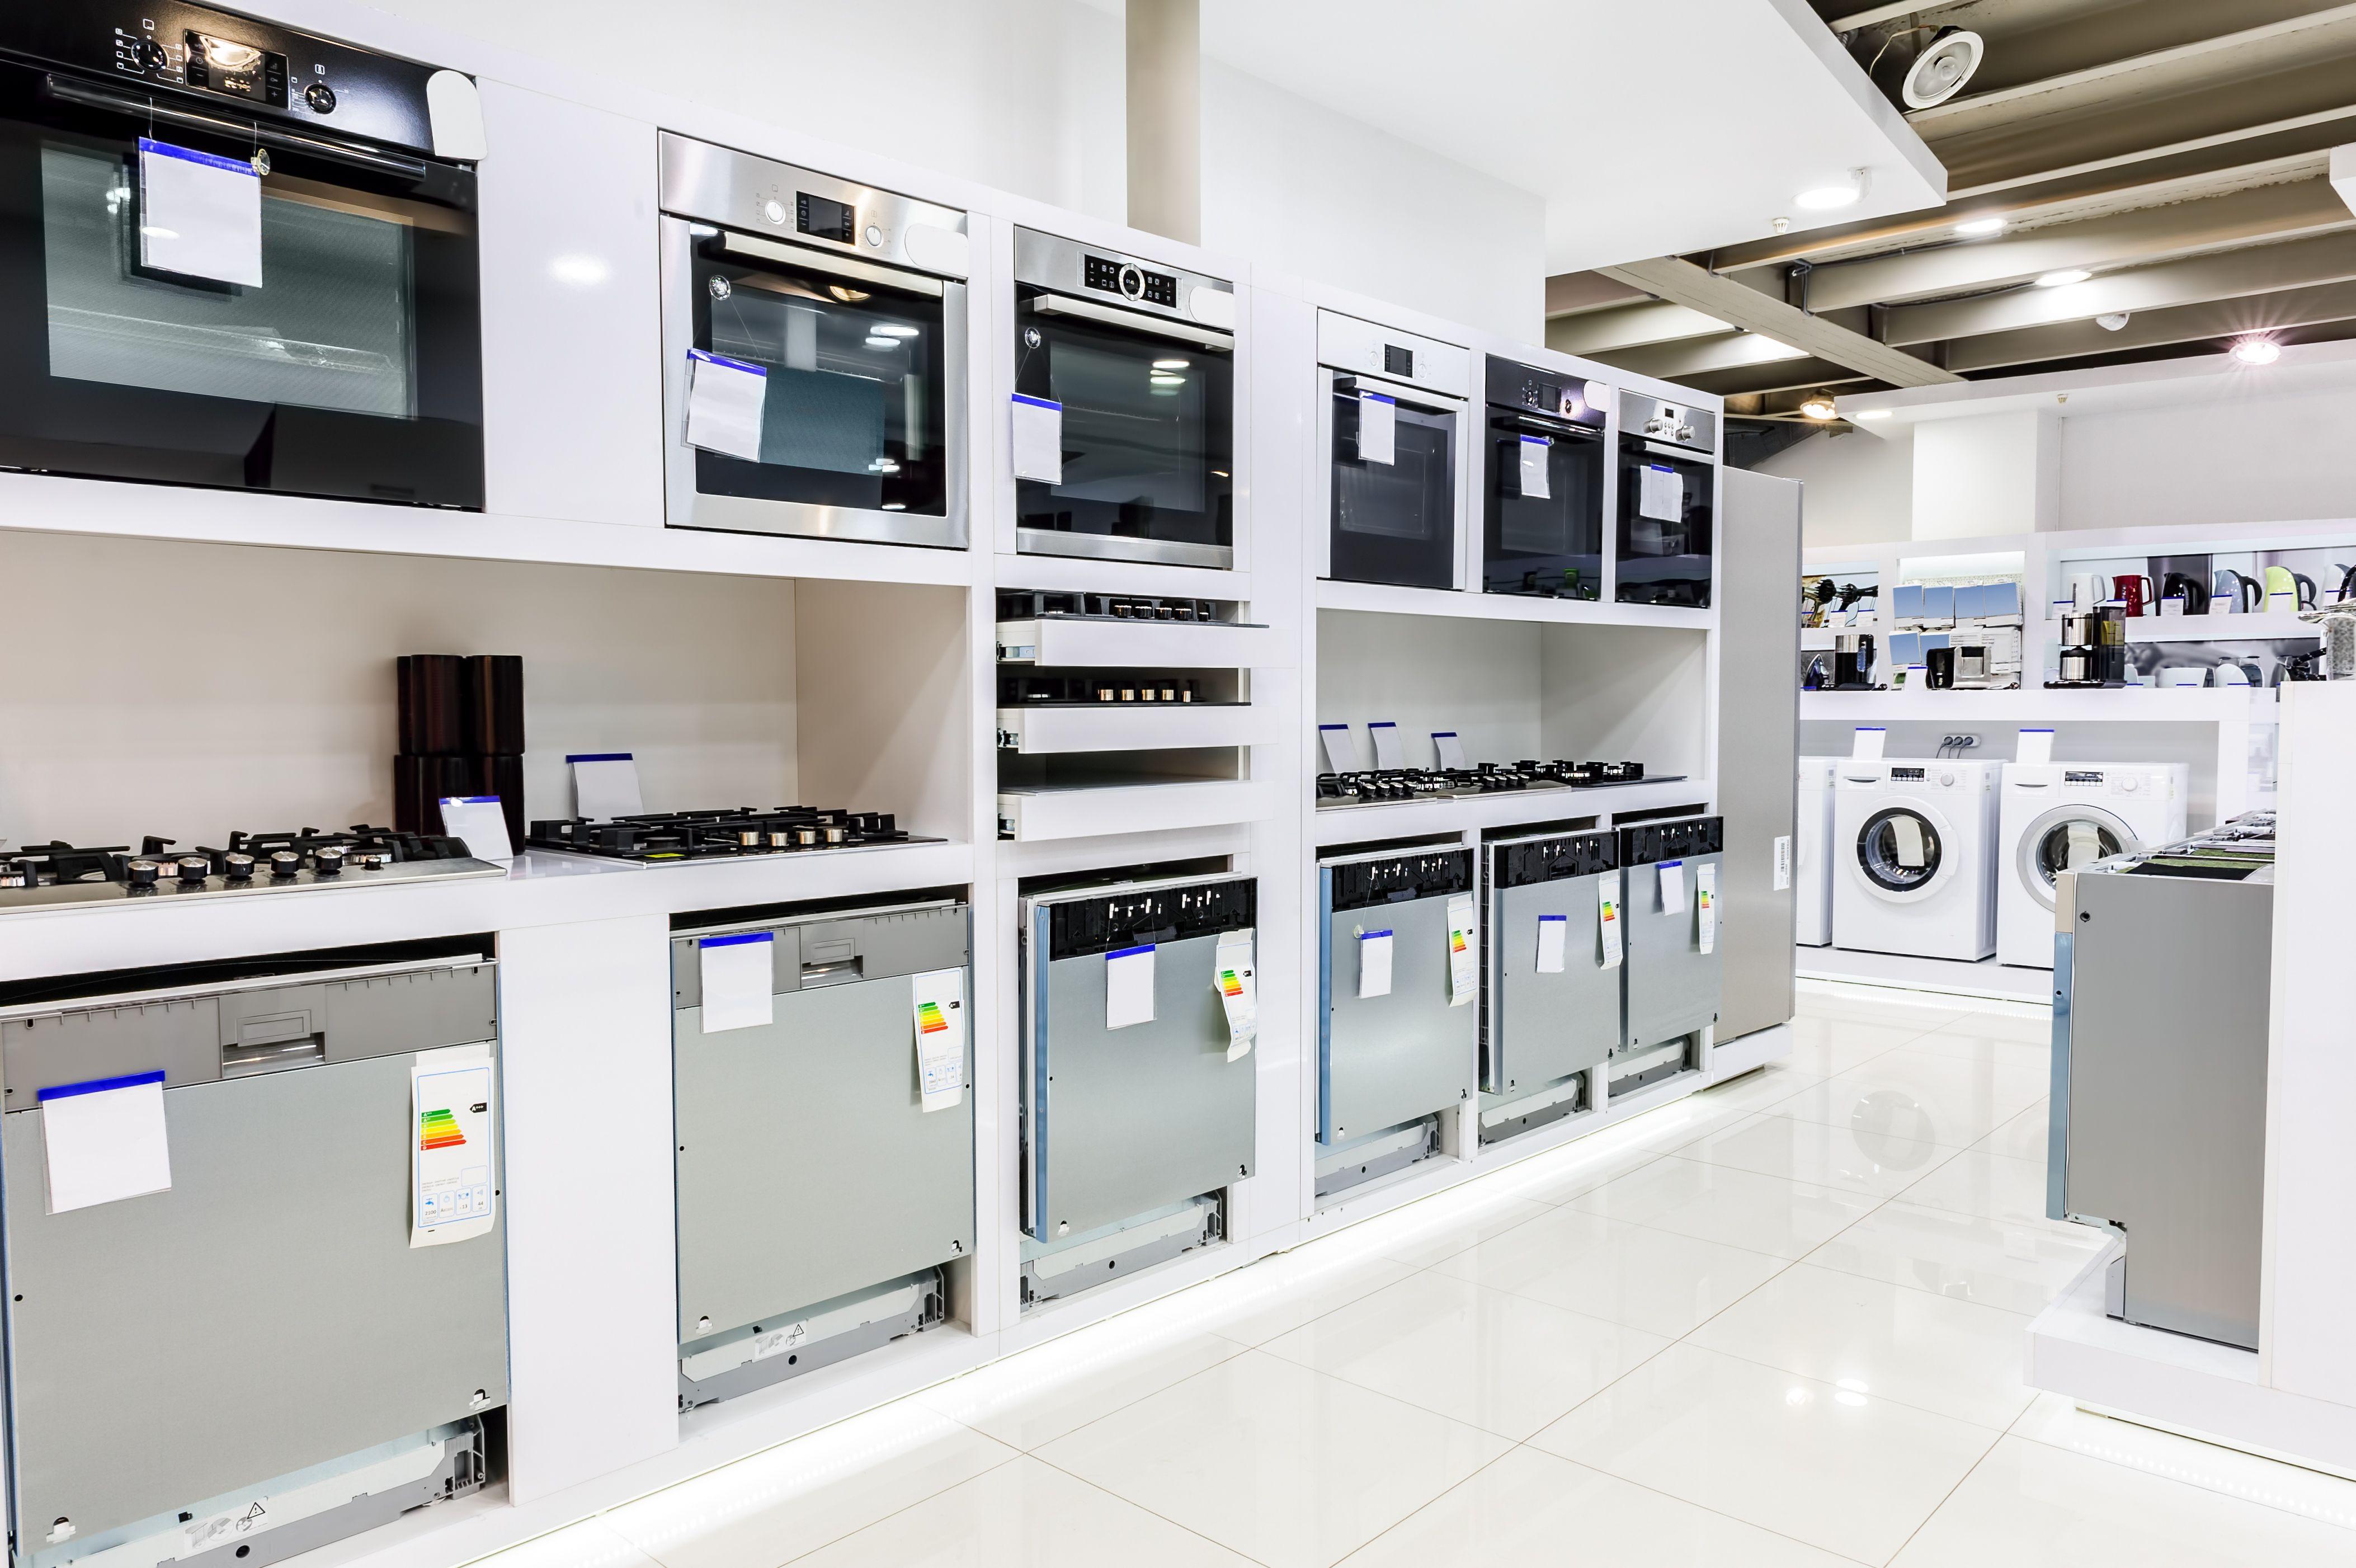 Venta de todo tipo de electrodomésticos en Hellín